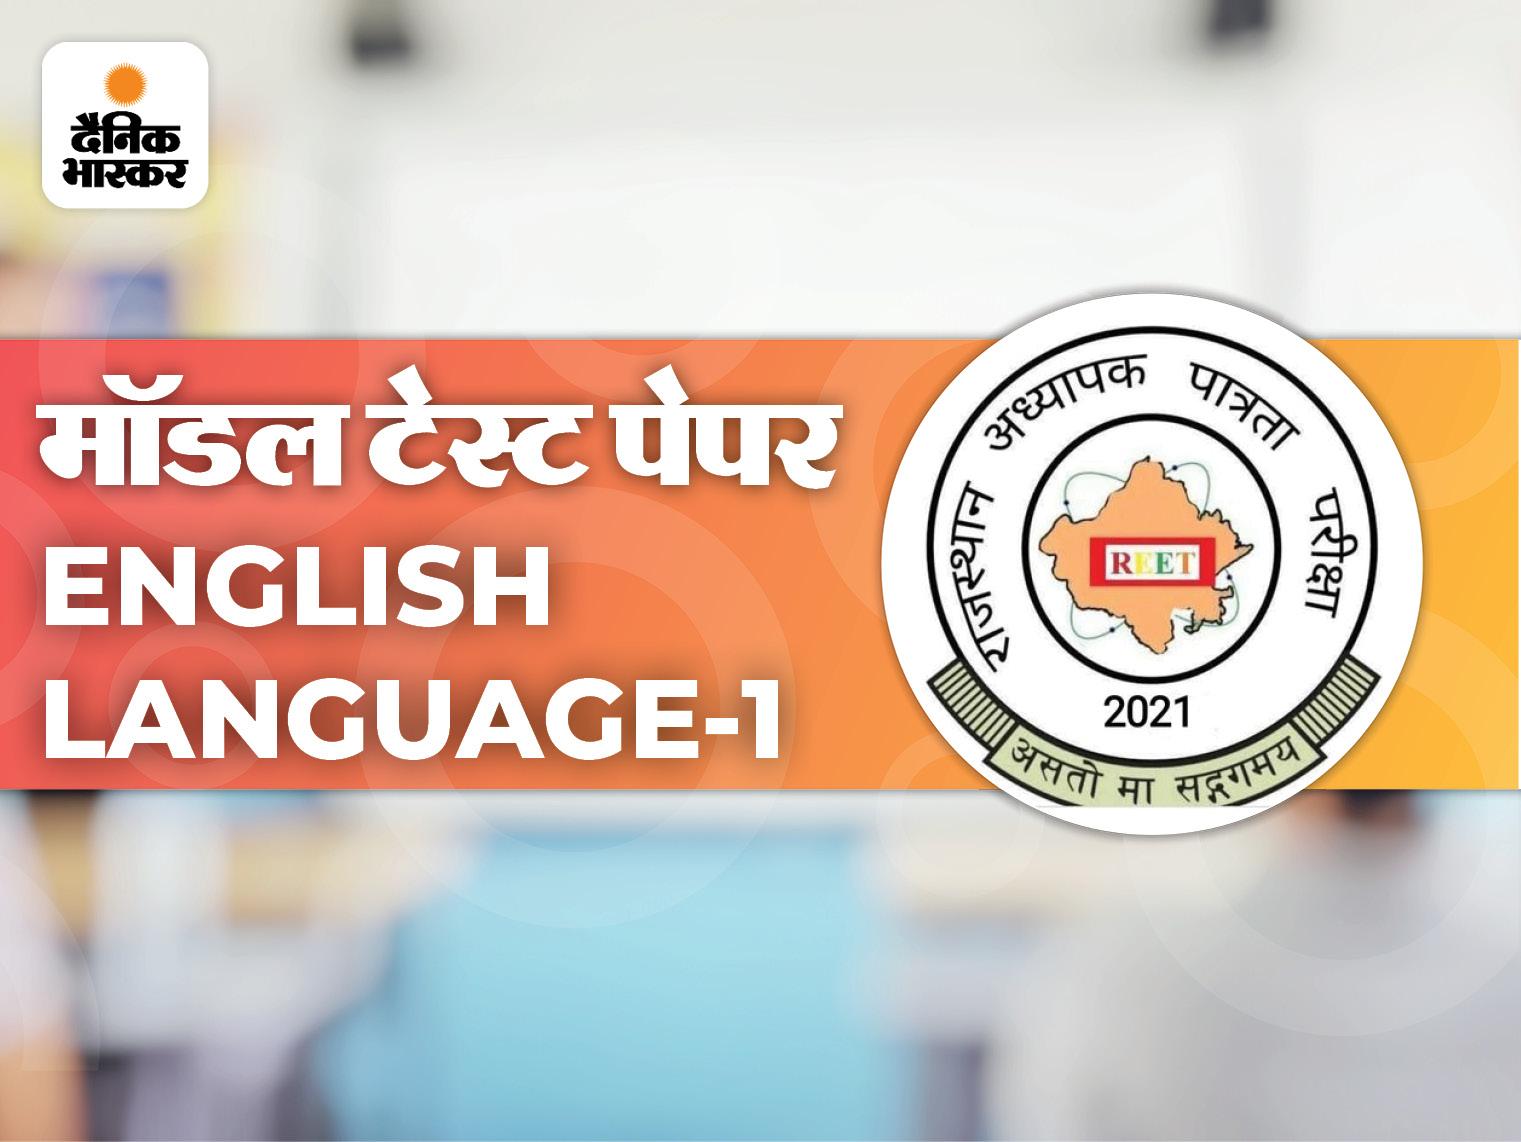 ENGLISH LANGUAGE-1 में परखें अपनी परीक्षा की तैयारी, क्वेश्चन्स सॉल्व करके देखें ANSWER KEY|REET 2021,REET 2021 - Dainik Bhaskar